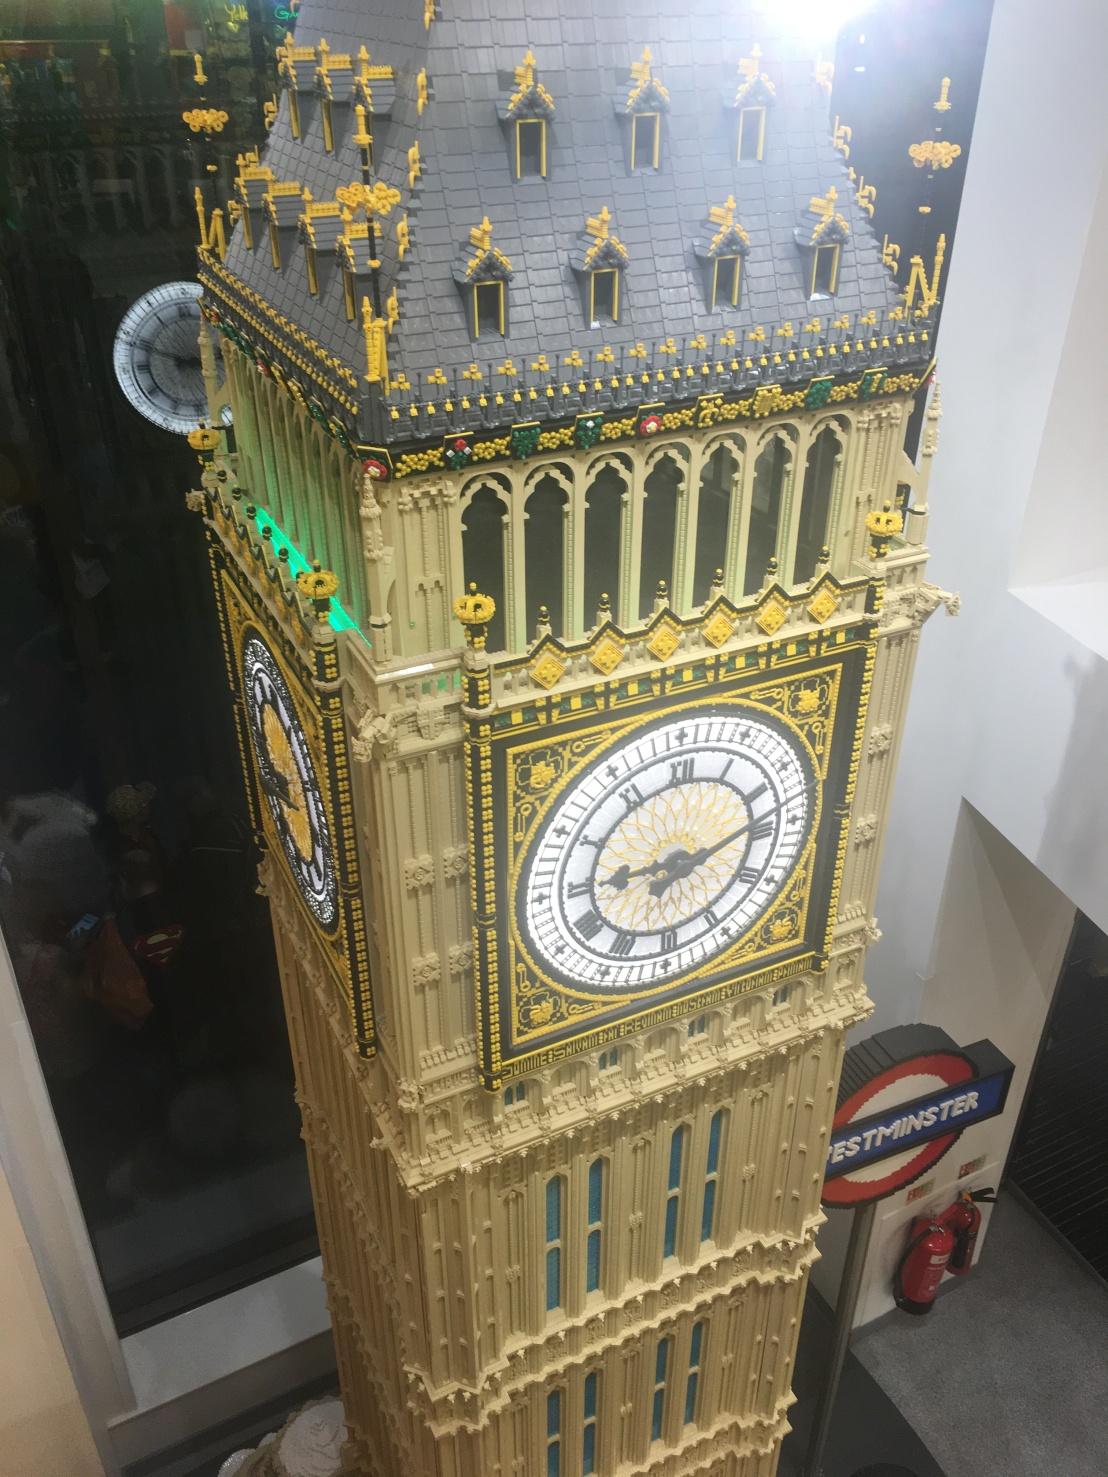 Lego Store 19